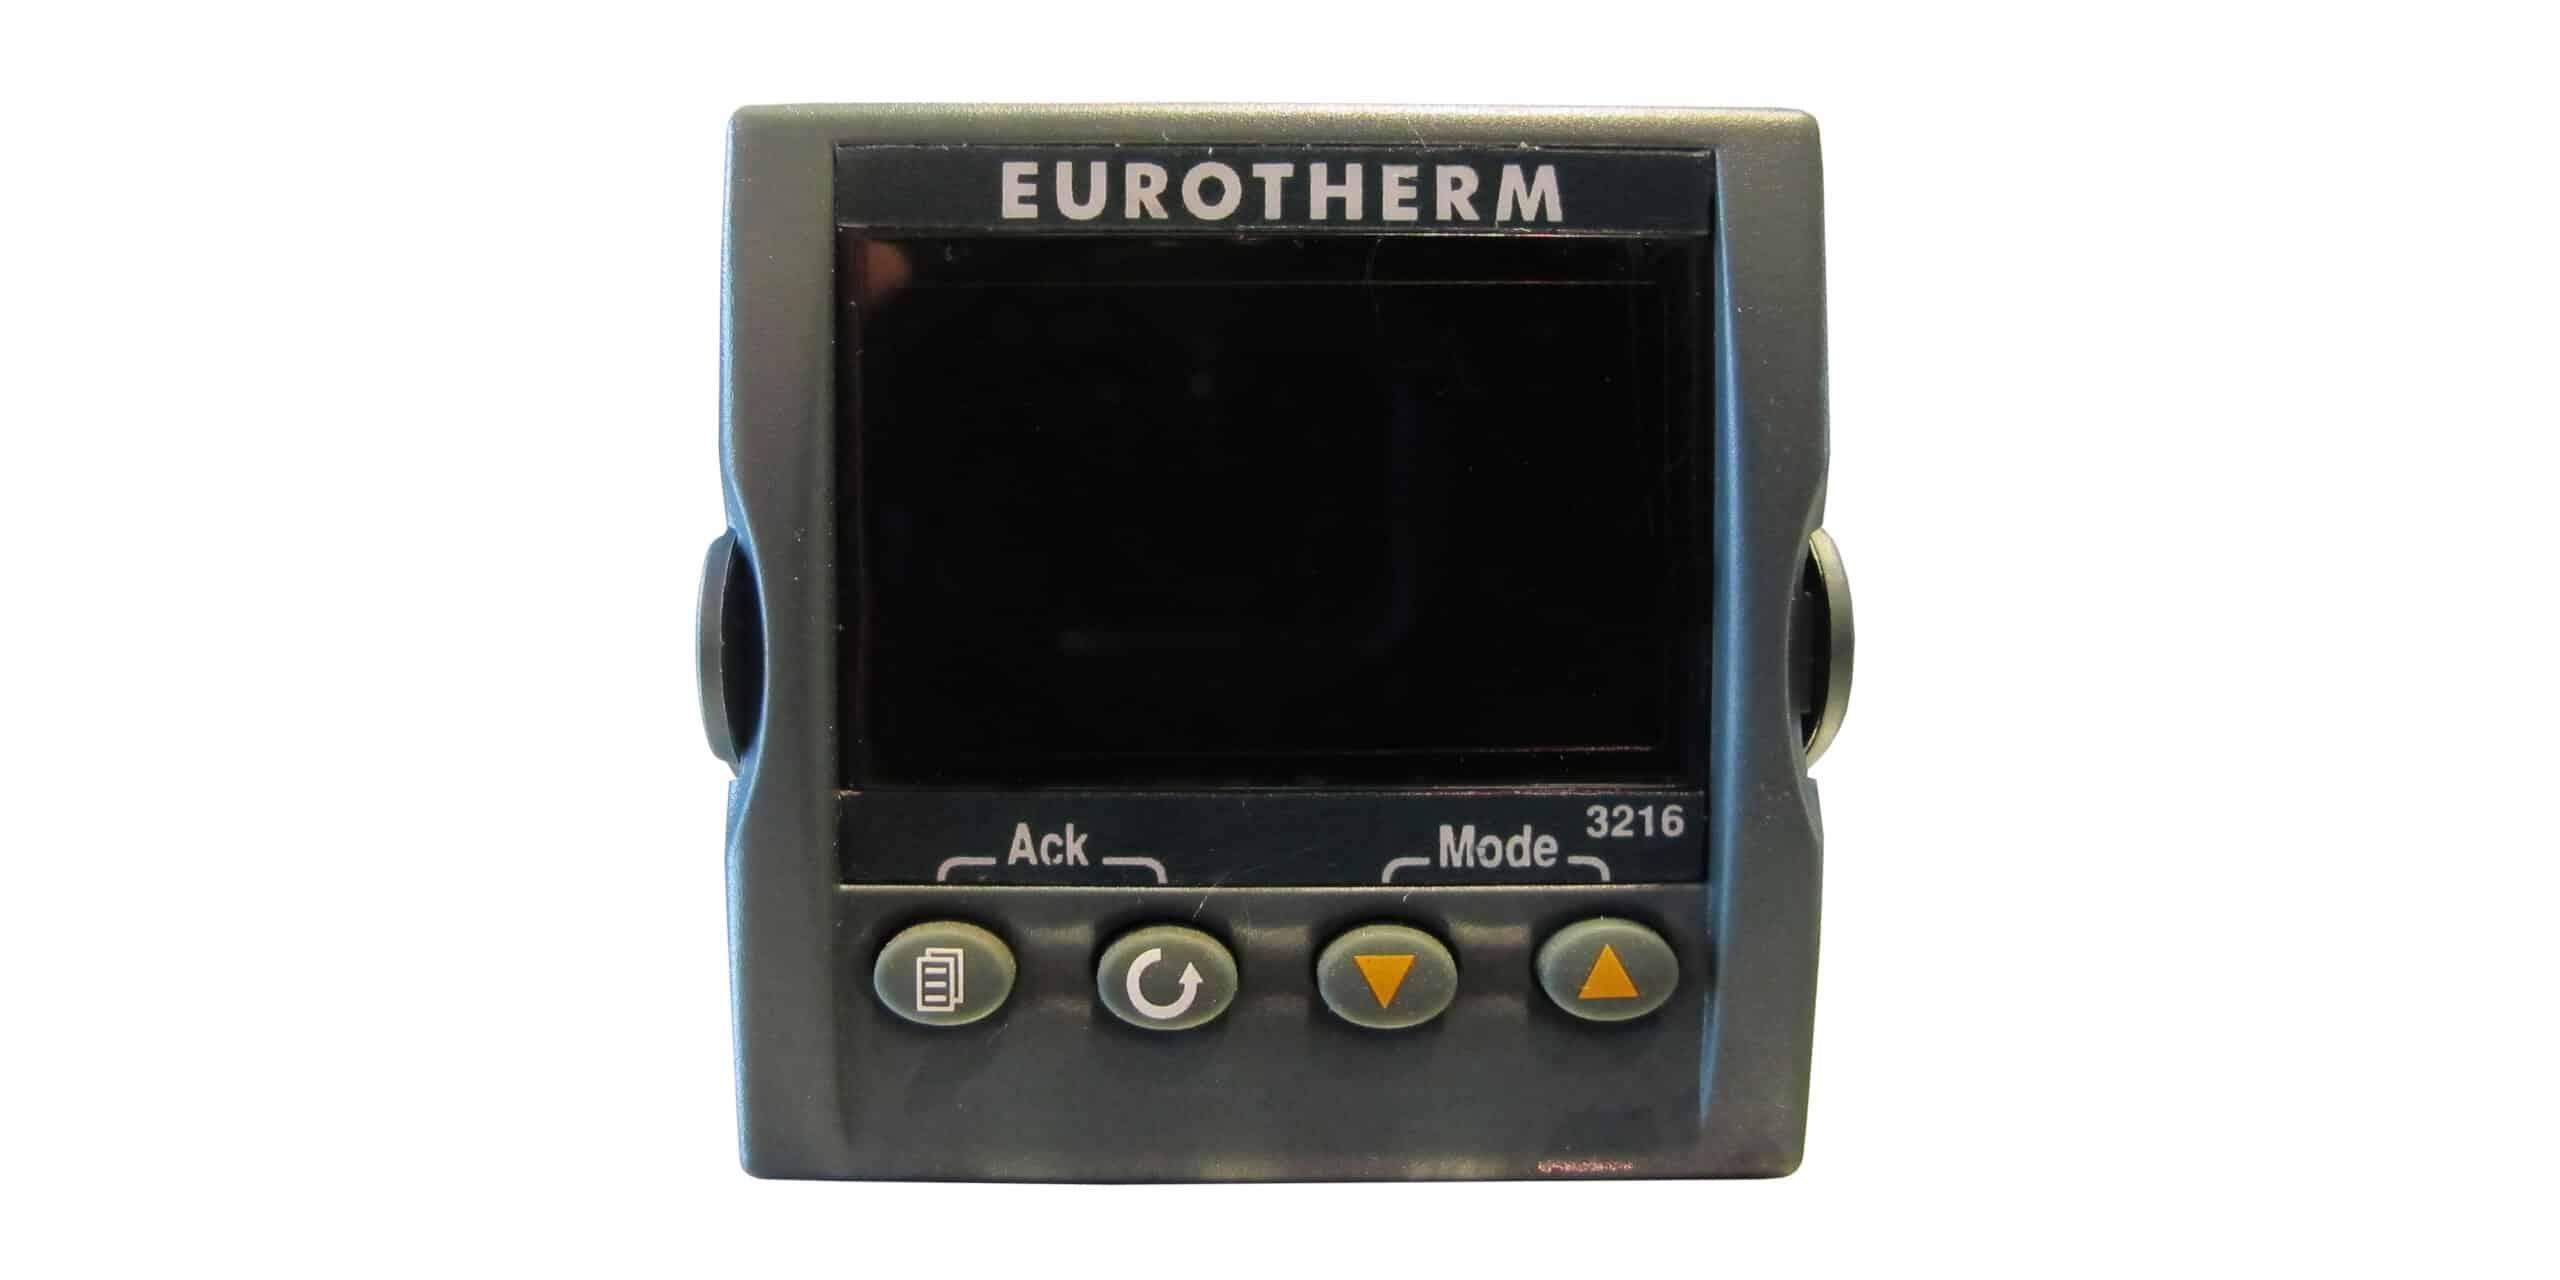 SBS Eurotherm temperature controller